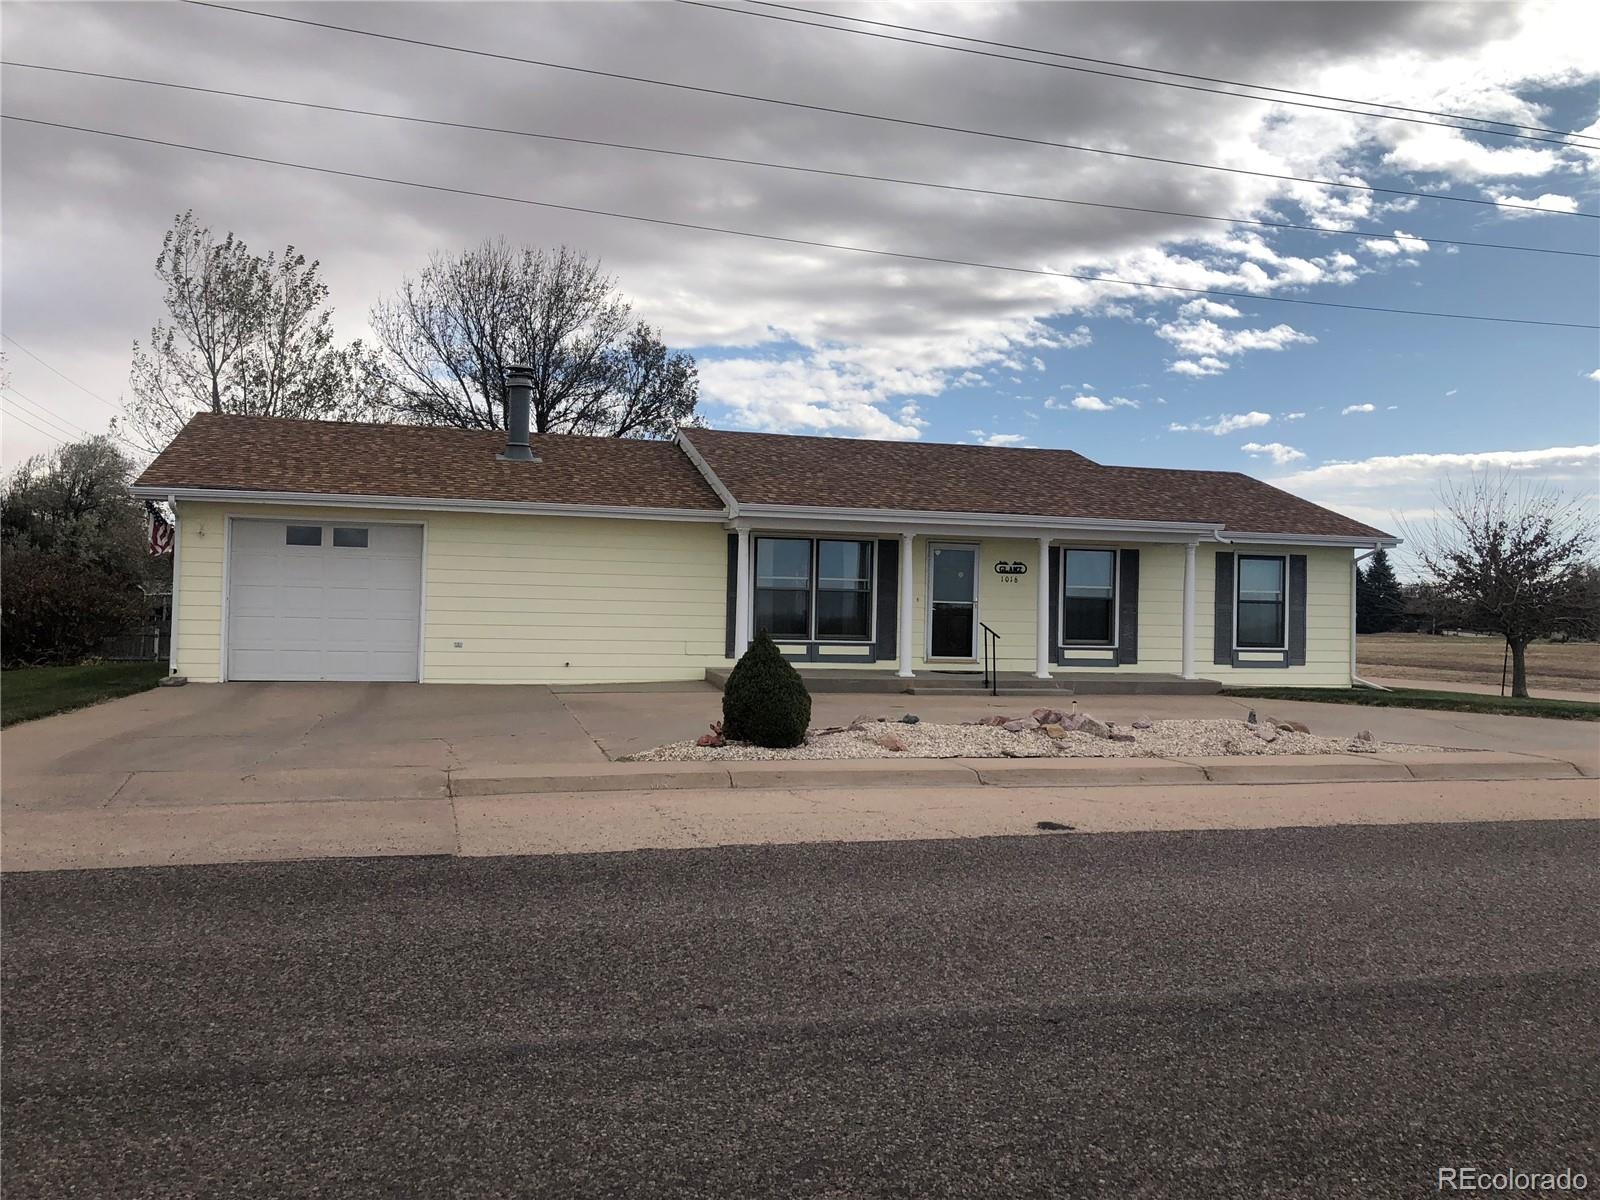 1016 W 2nd Avenue, Yuma, CO 80759 - Yuma, CO real estate listing